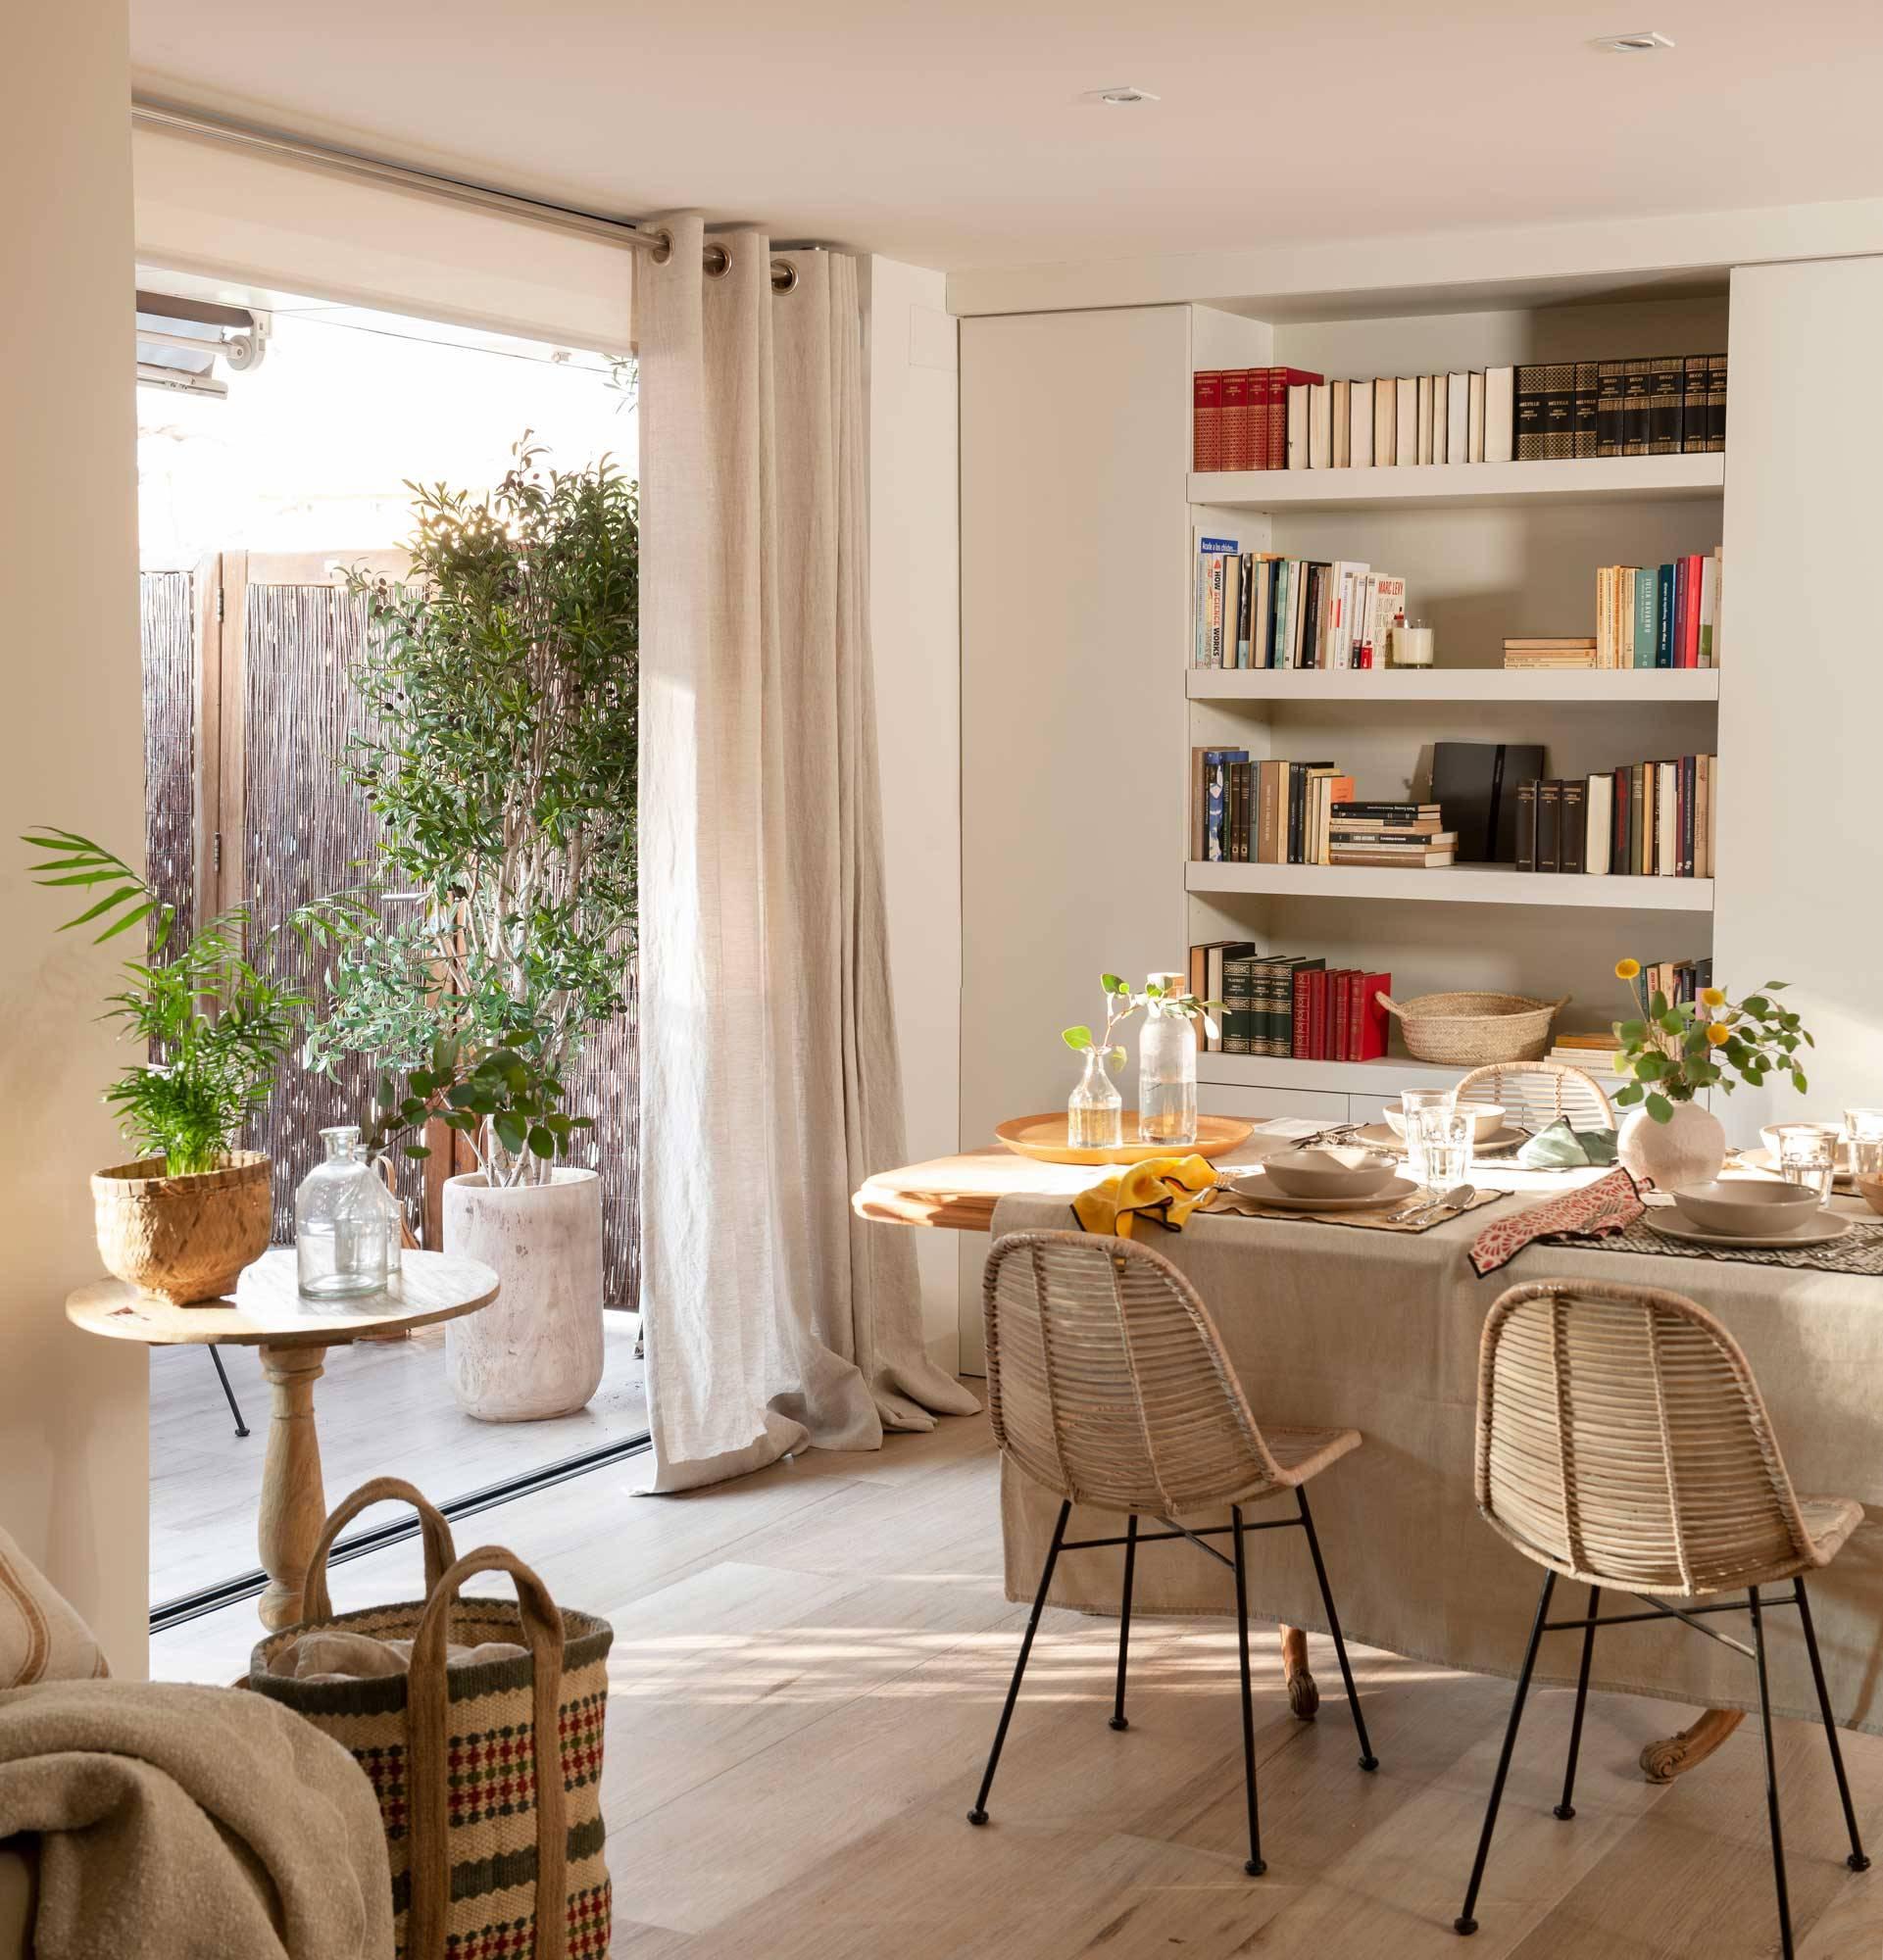 Más De 60 Ideas Para Renovar Tu Casa Con Poco Dinero